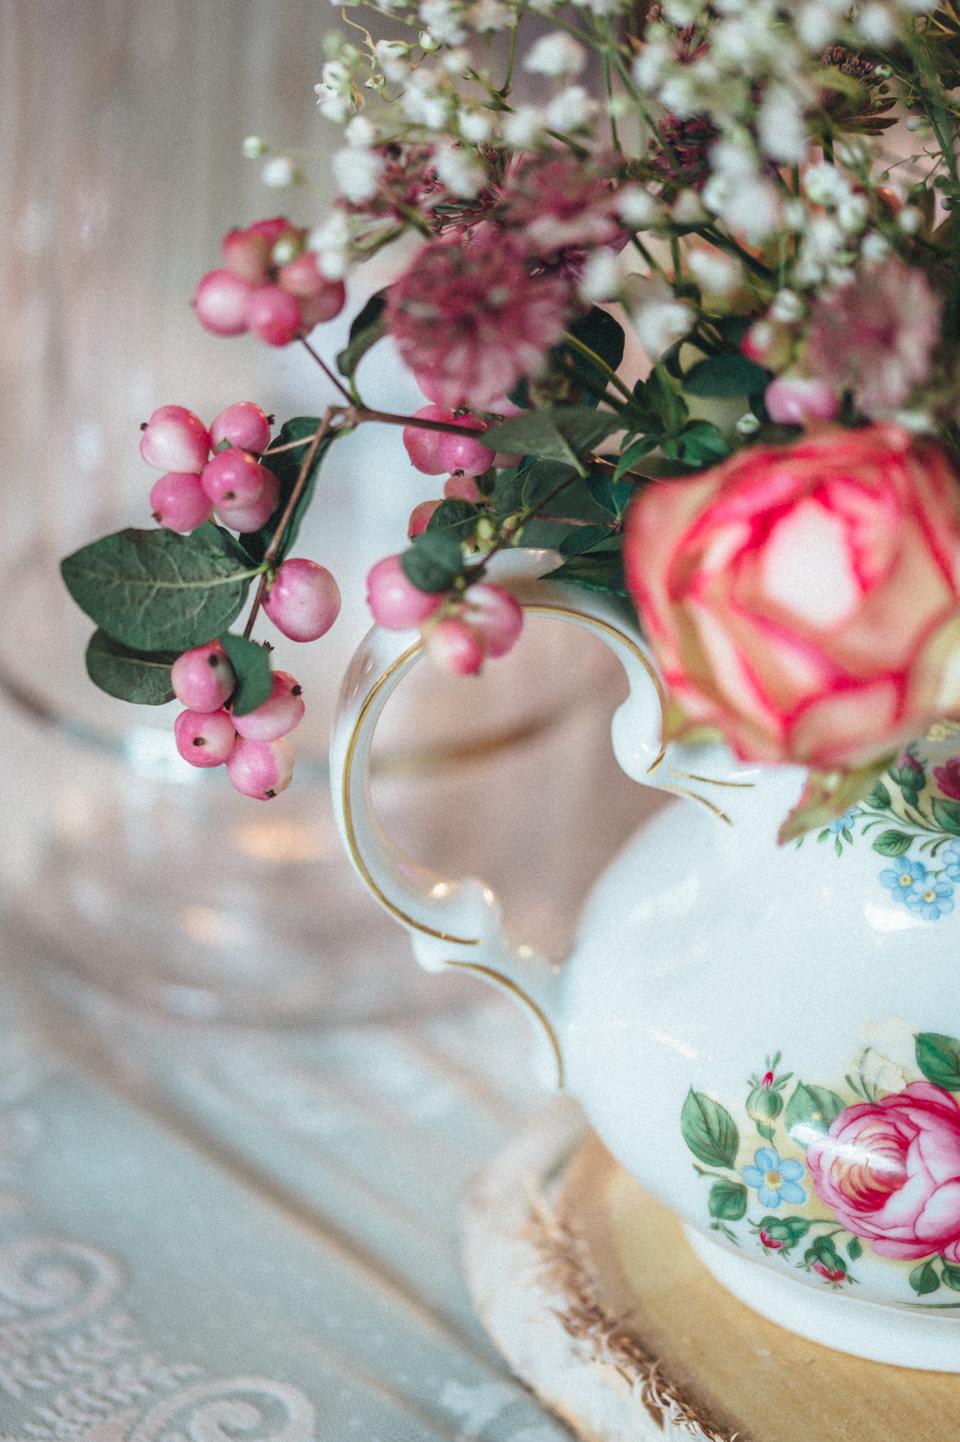 diy-wedding-bayern-117 Isabell & Tomaj Vintage DIY Hochzeit in Bayerndiy wedding bayern 117